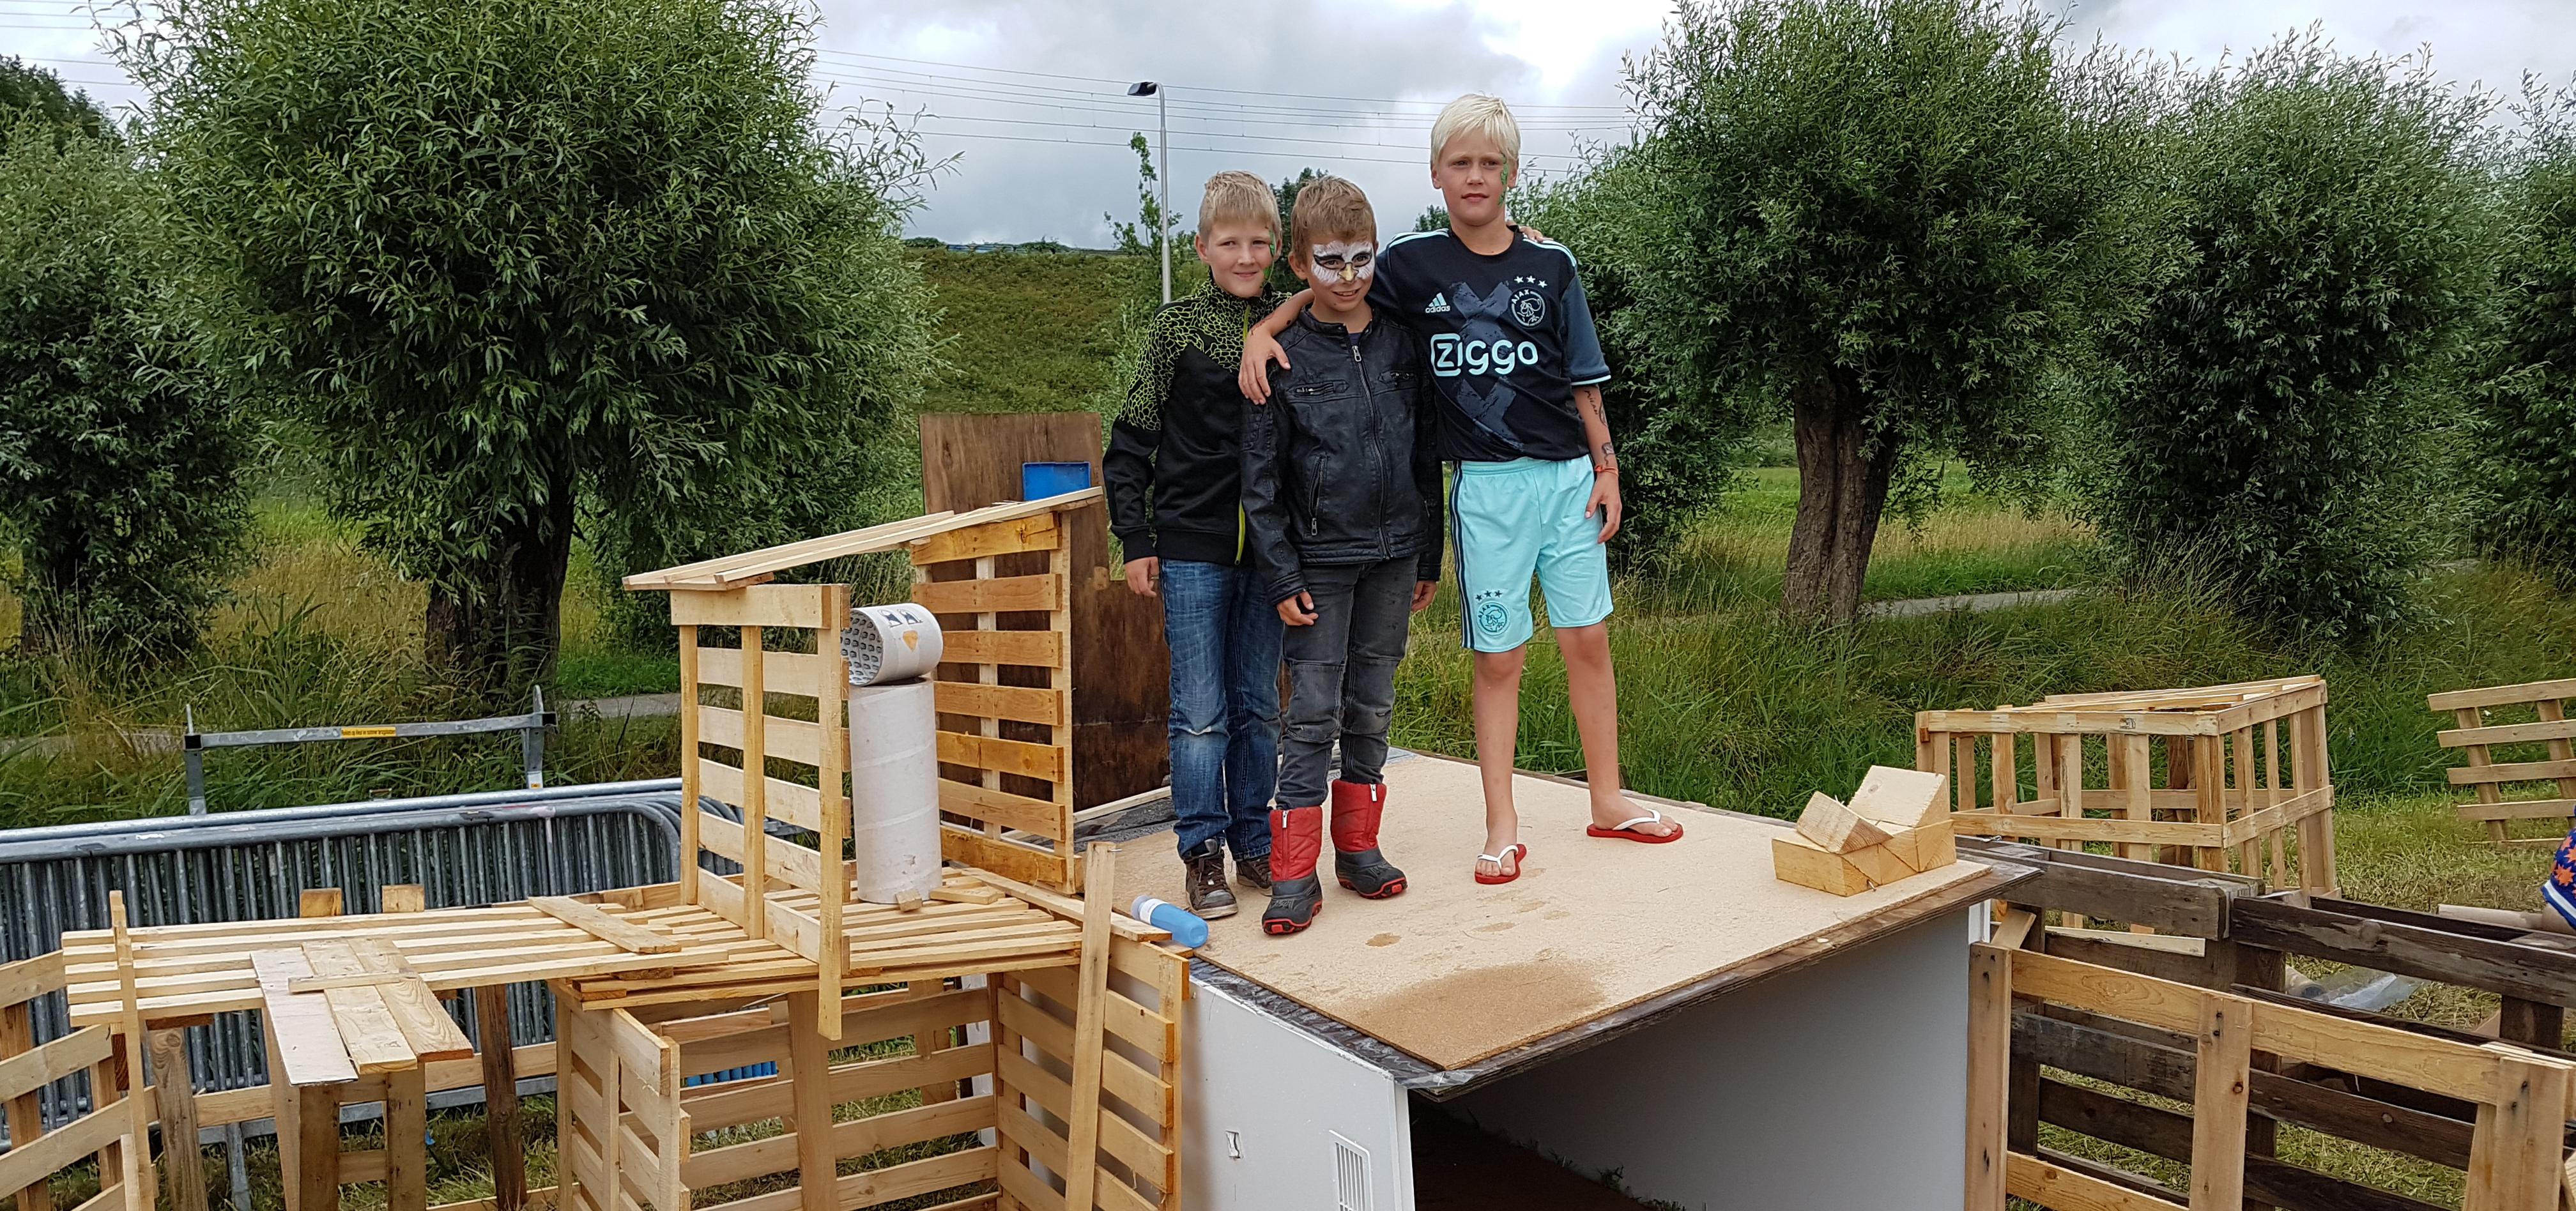 3 jongens op zelfbouw project